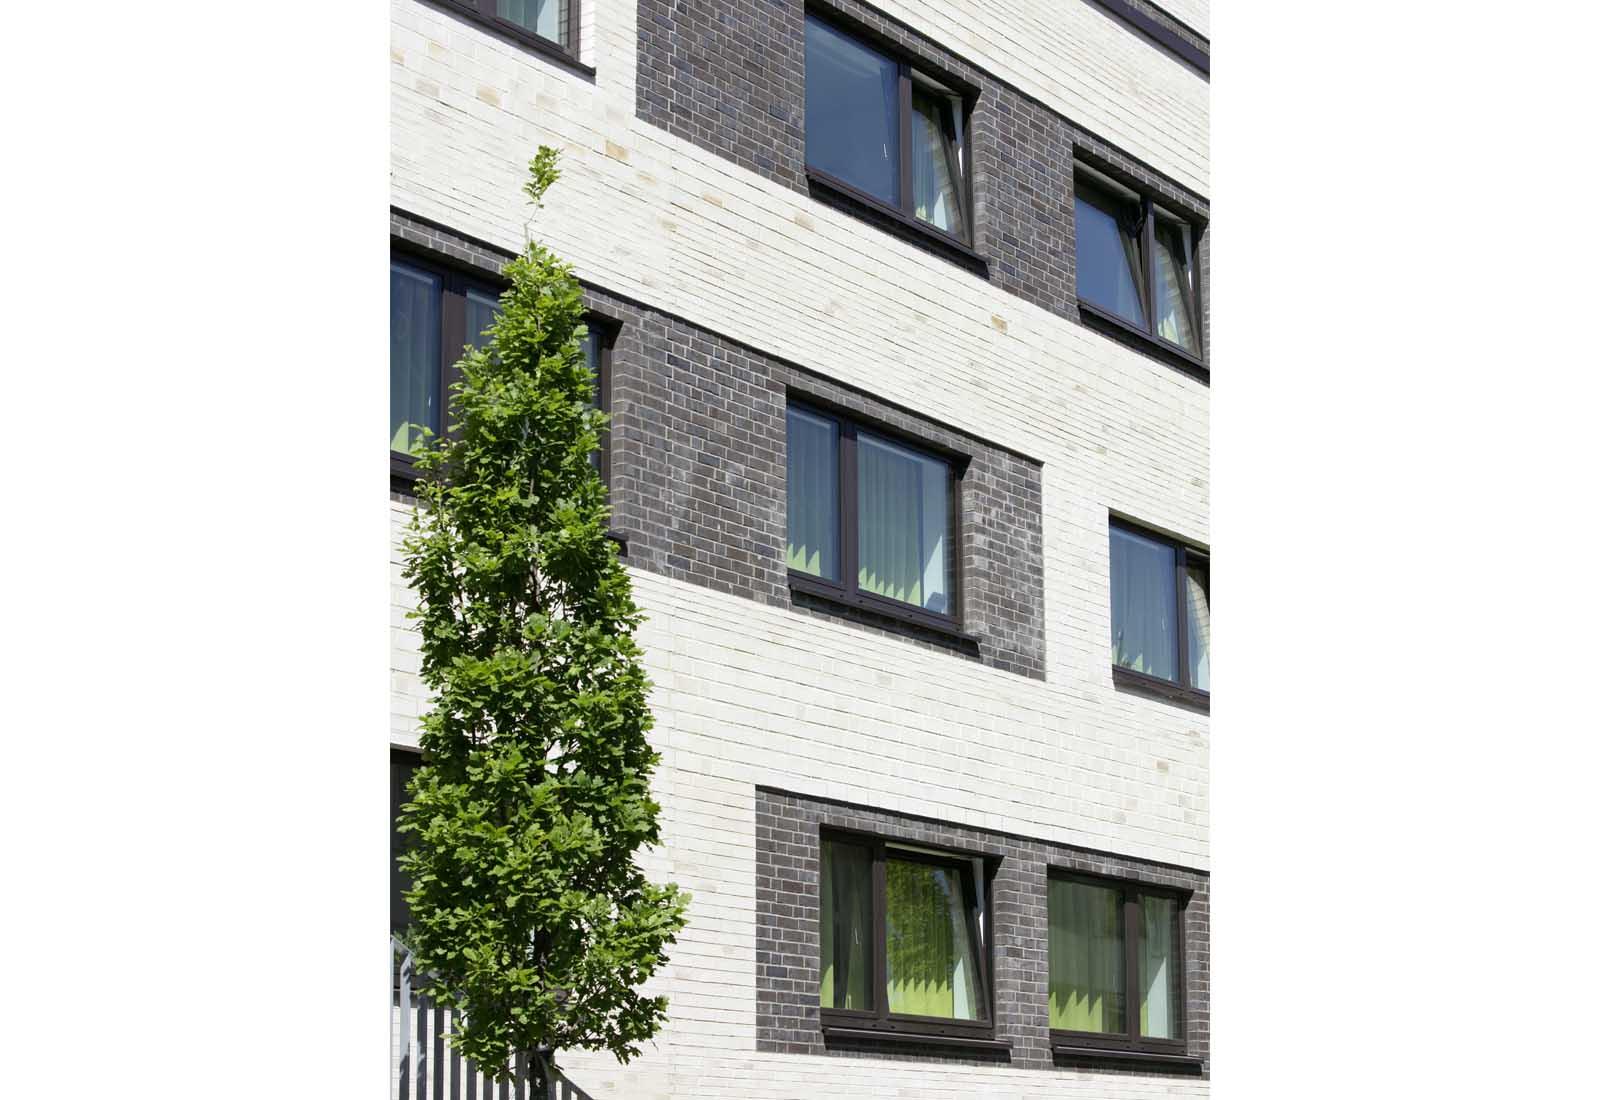 Architekt Bonn Studierendenwohnheim Drususstraße - Neubau von 73 Studierendenapartments in Bonn-Castell, Bodendenkmal, KfW-55 - Koenigs Rütter Architekten